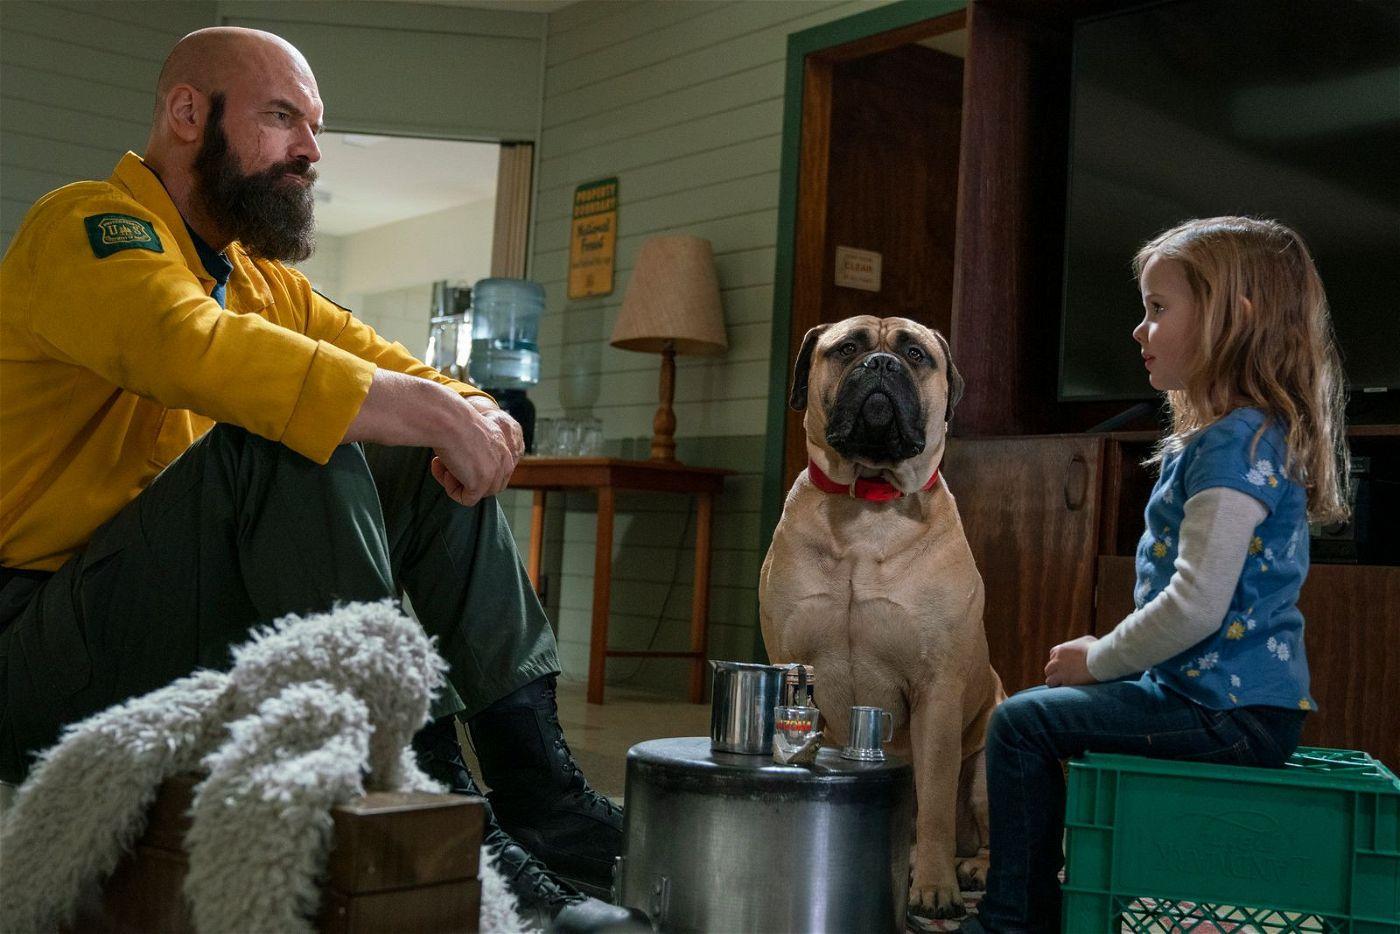 Axe (Tyler Mane) ist bekannt dafür, dass er nie spricht und nur grimmig vor sich hin brummelt. Ob sich das beim Teetrinken mit der kleinen Zoey (Finley Rose Slater) ändern wird?